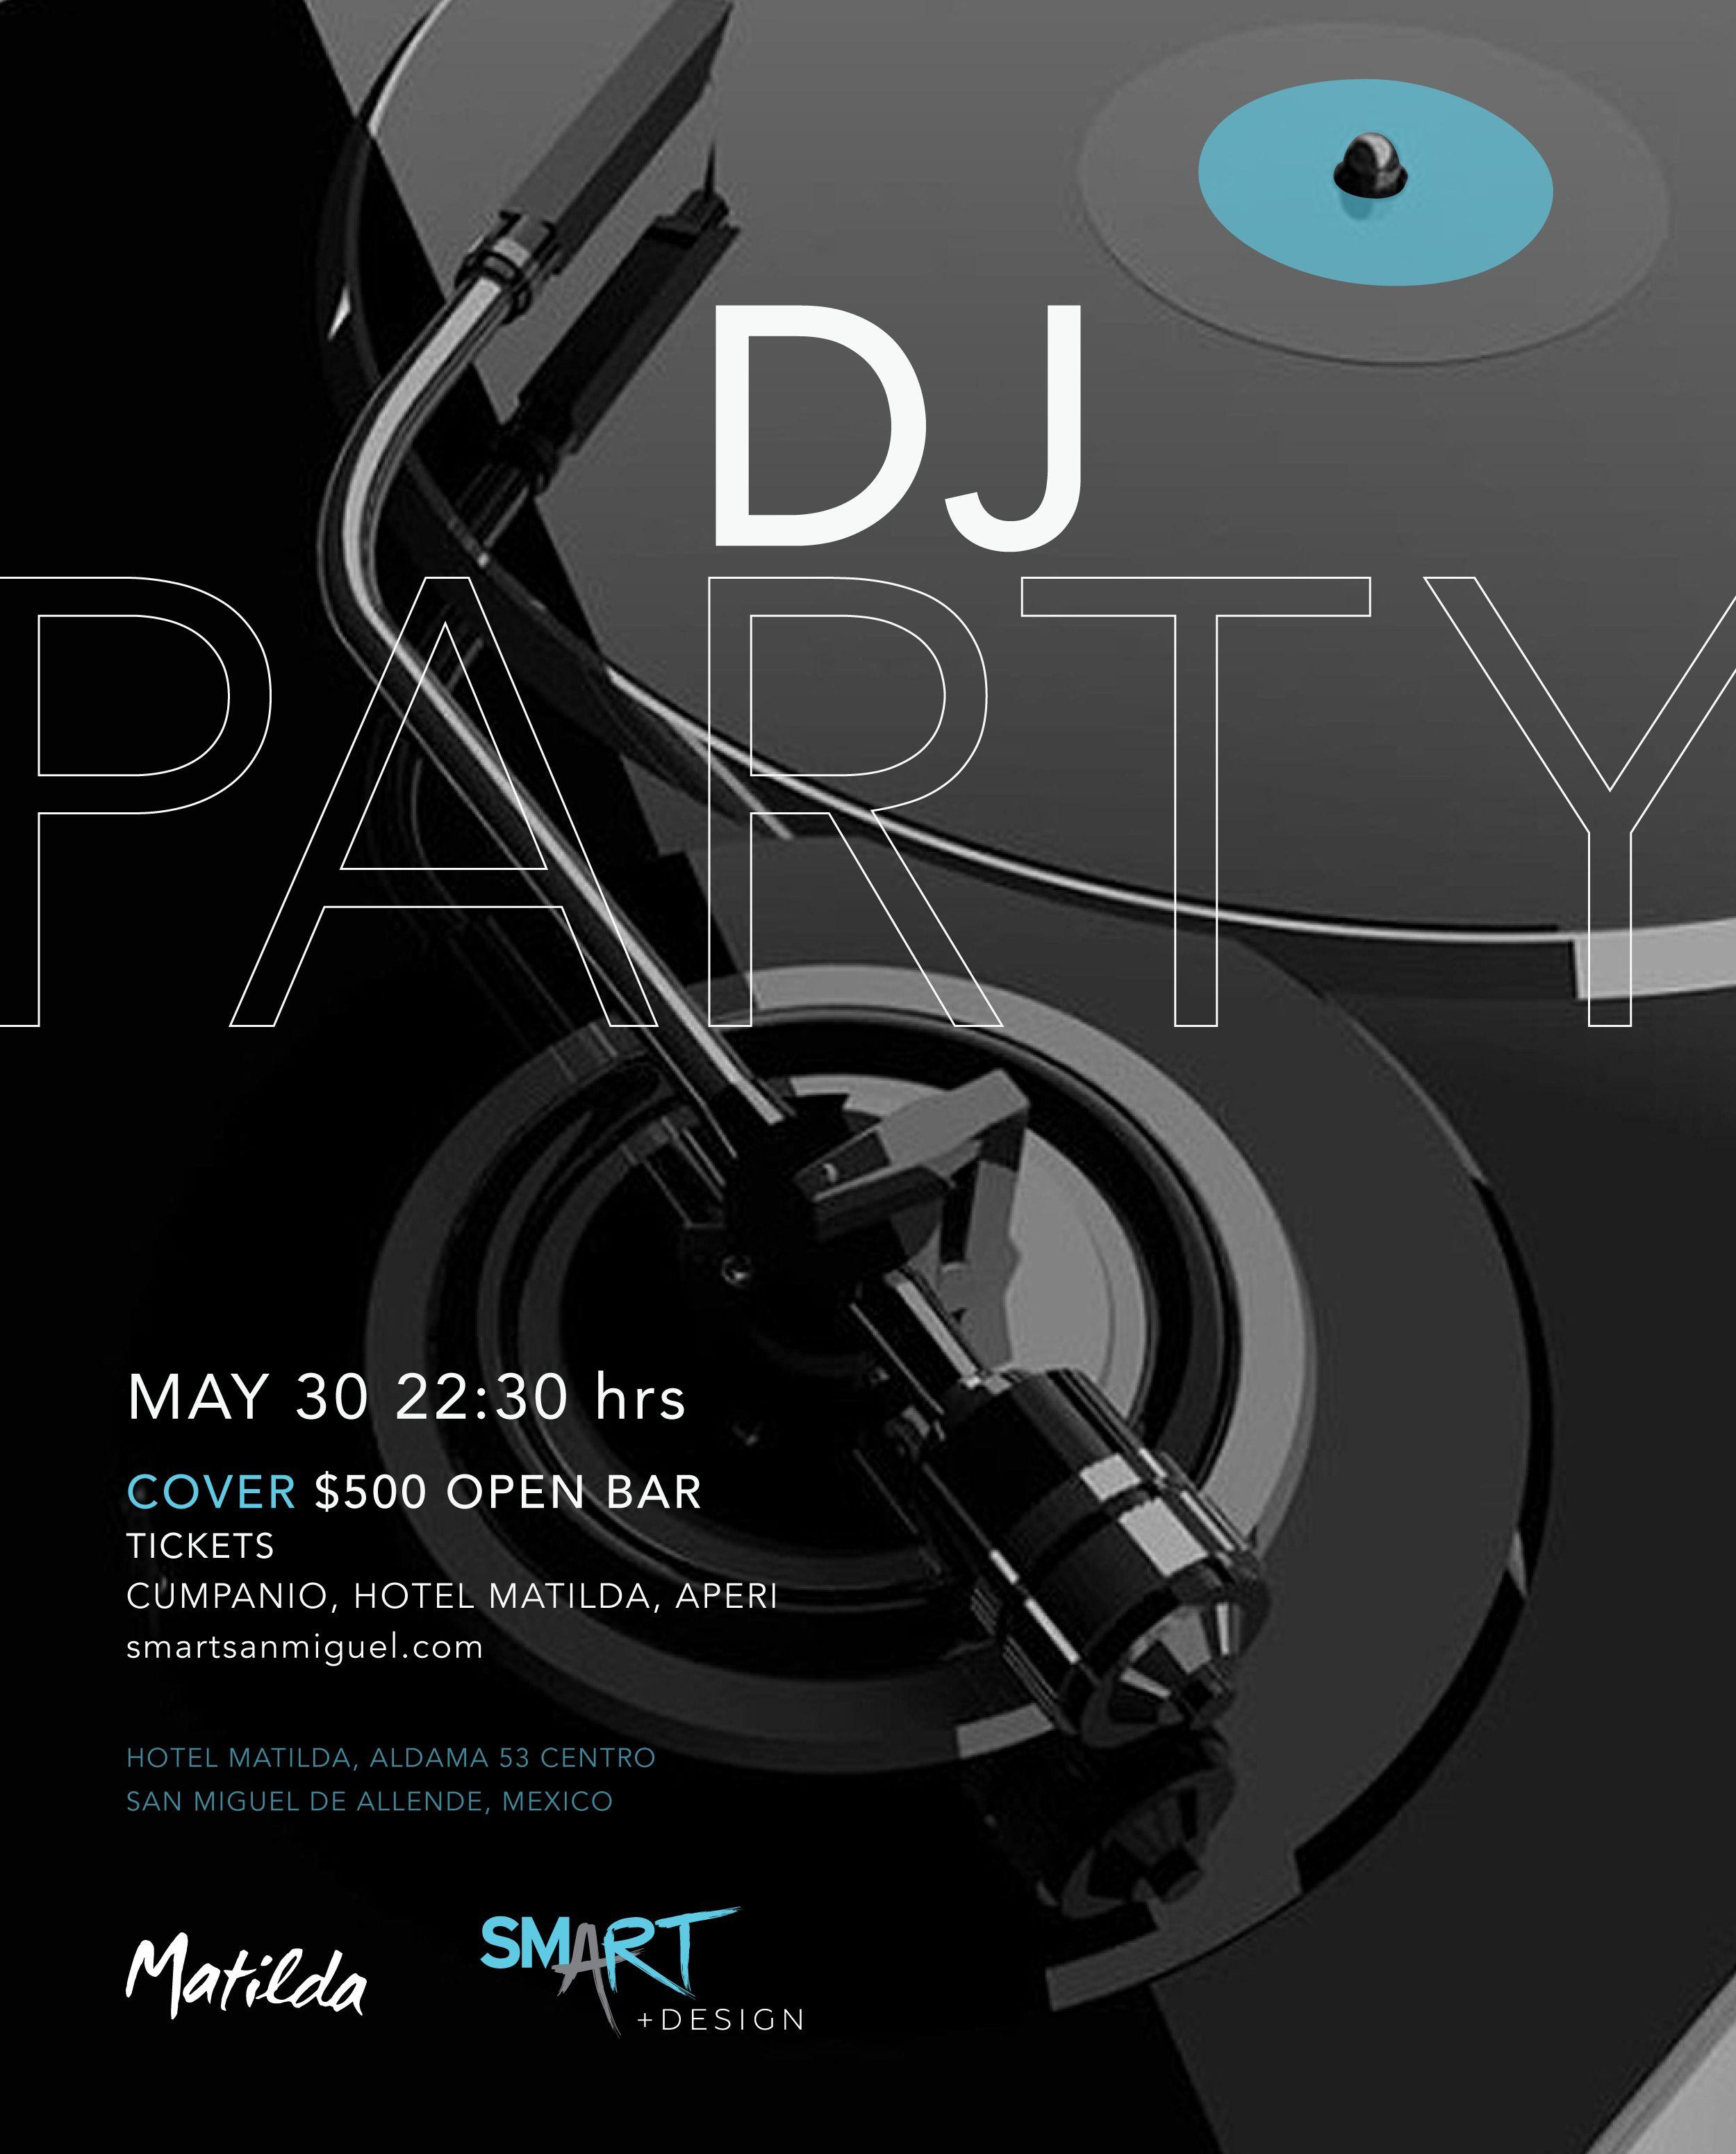 DJ PARTY SMART+design SMA